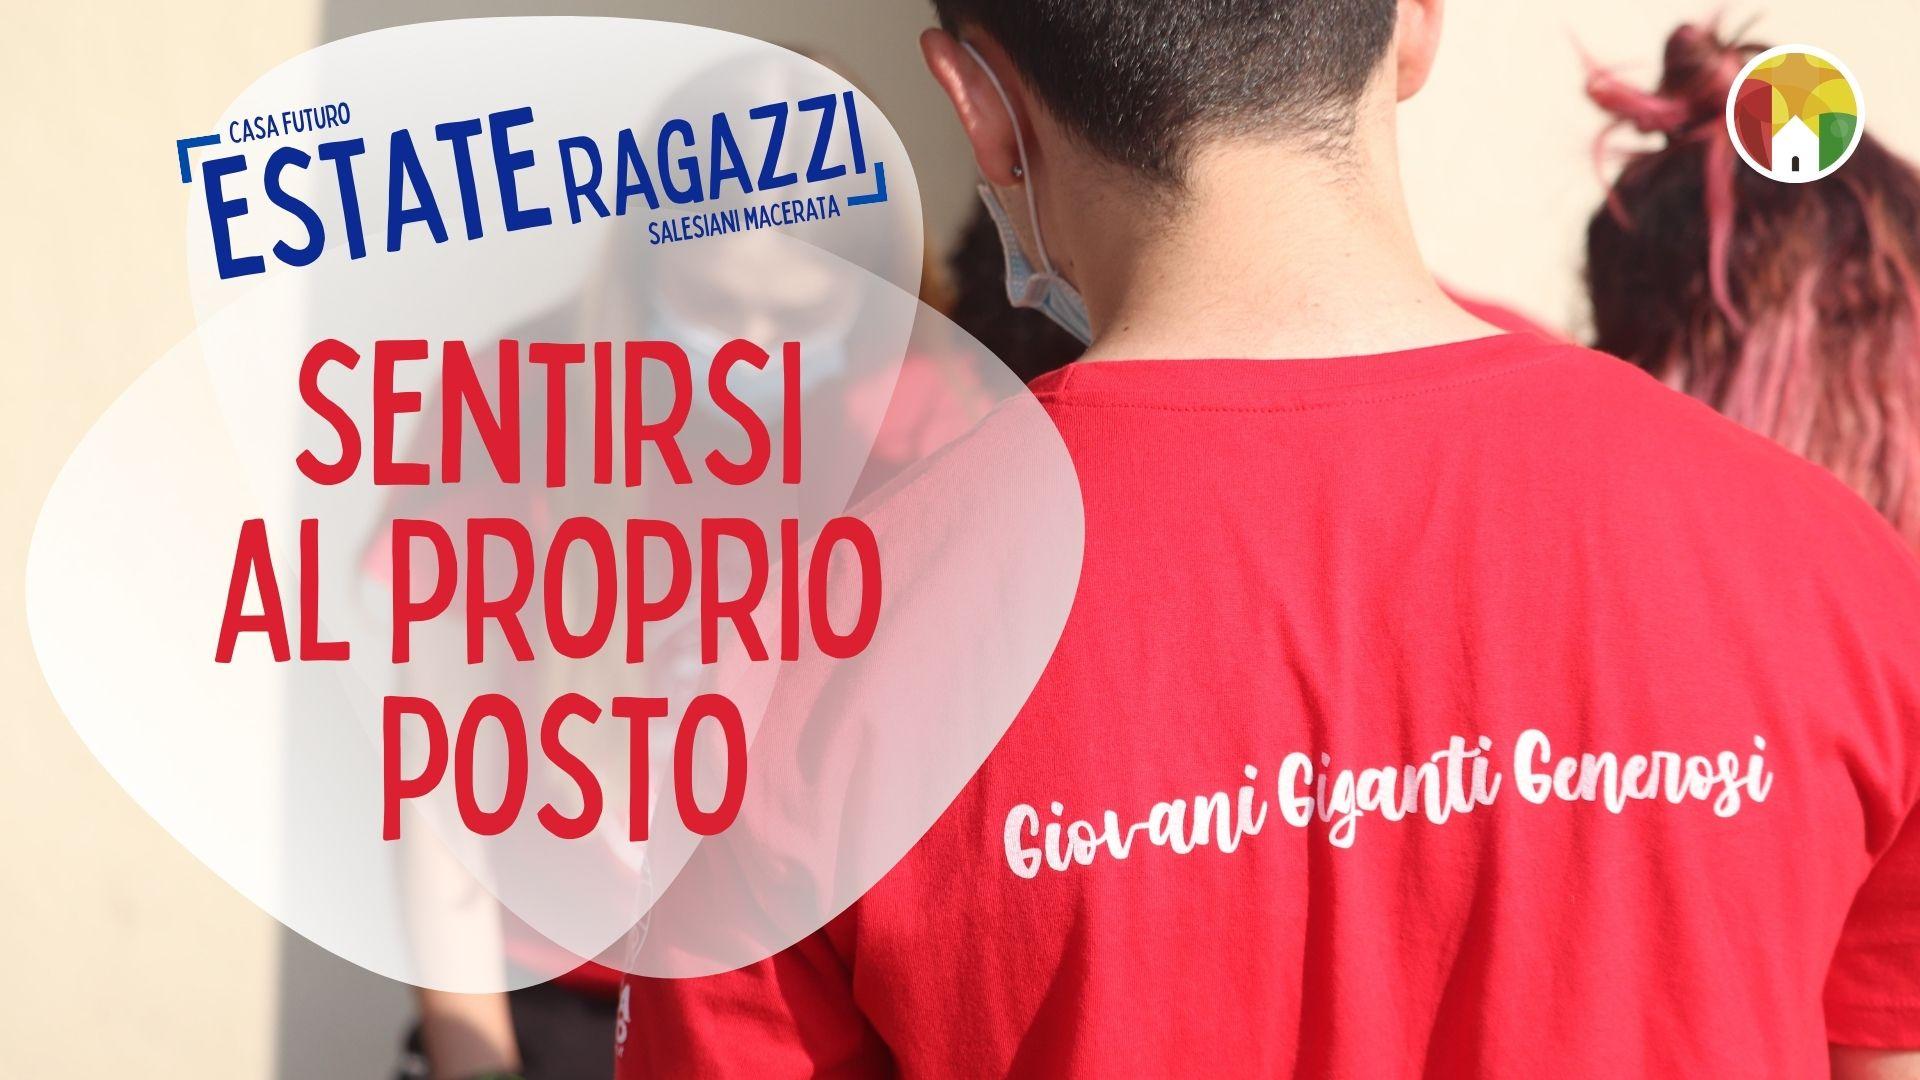 Salesiani Macerata, l'esperienza positiva dell'Estate Ragazzi